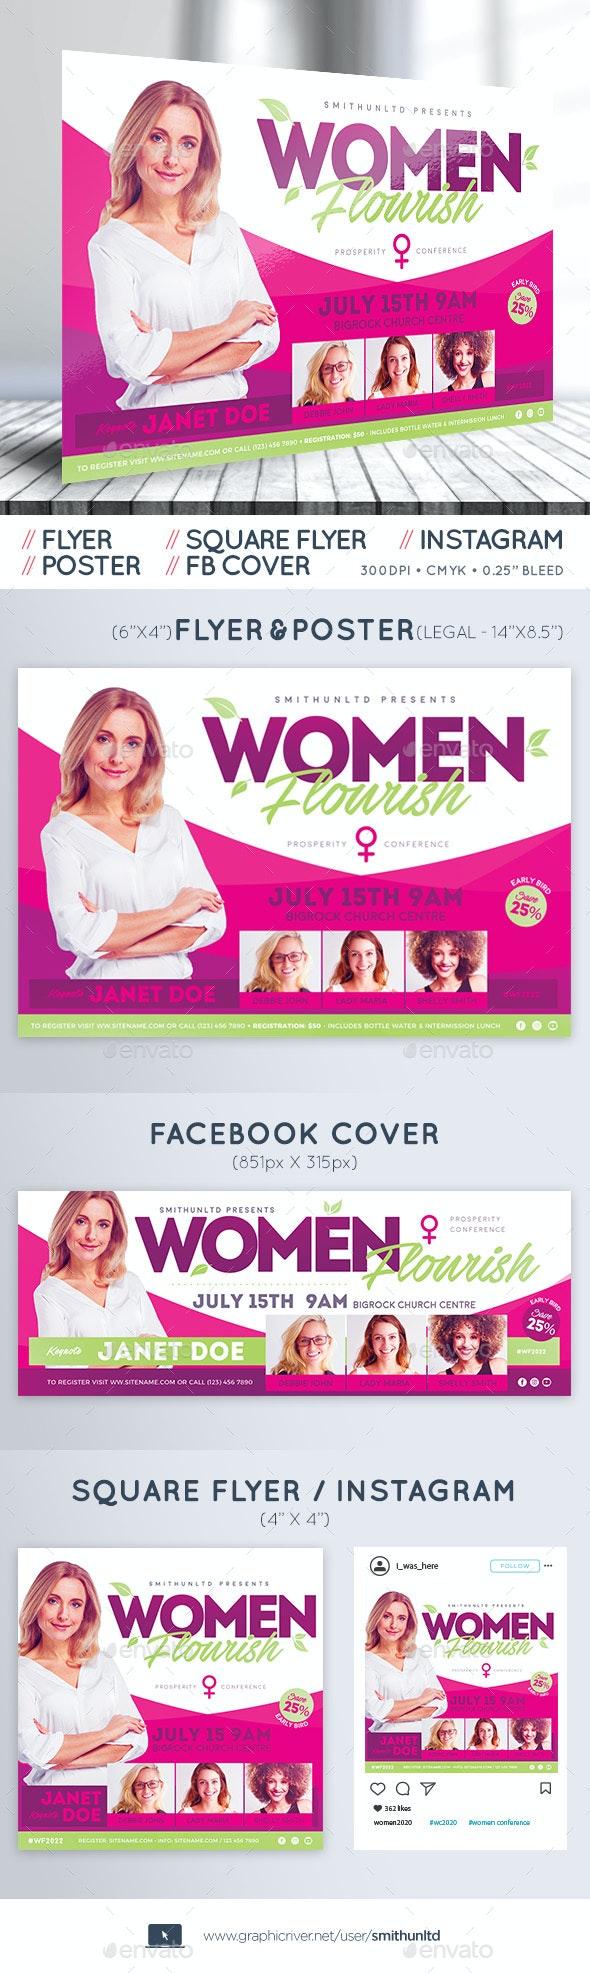 Women Conference Flyer - Flourish - Complete Set - Miscellaneous Events